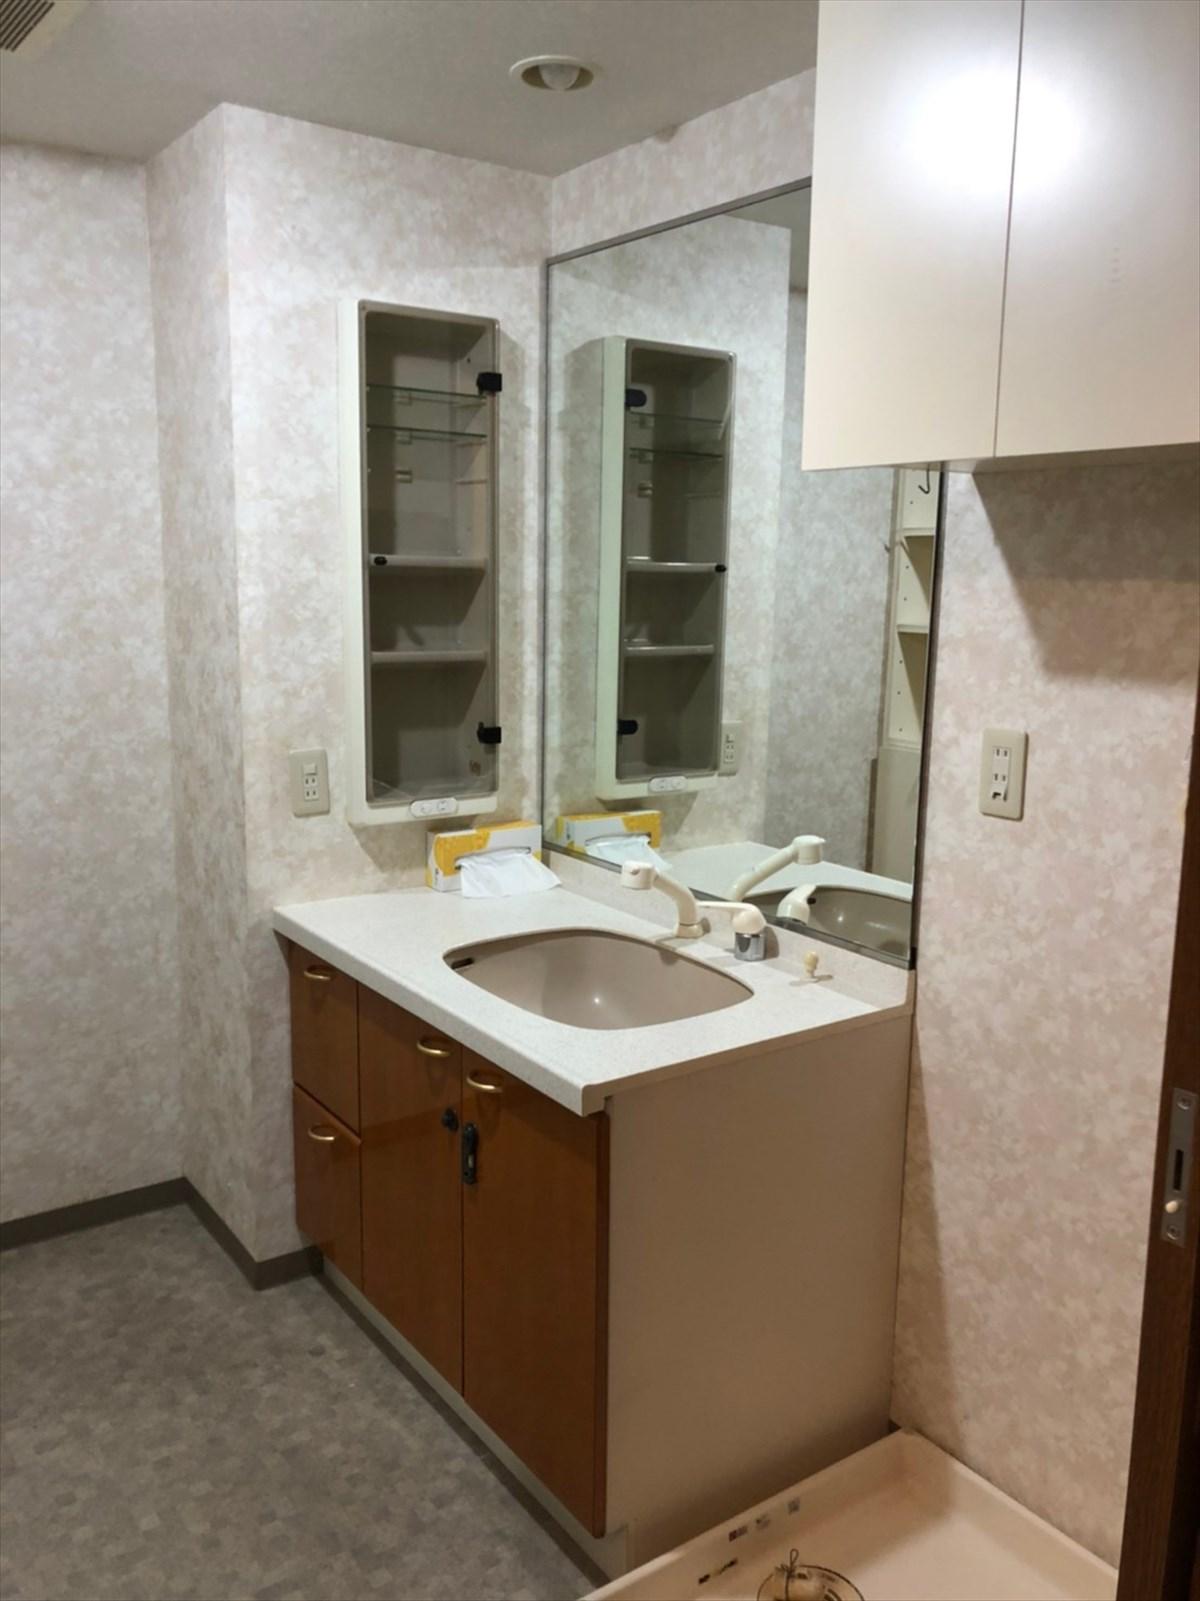 リノベーション前の洗面所|横浜リノベーション